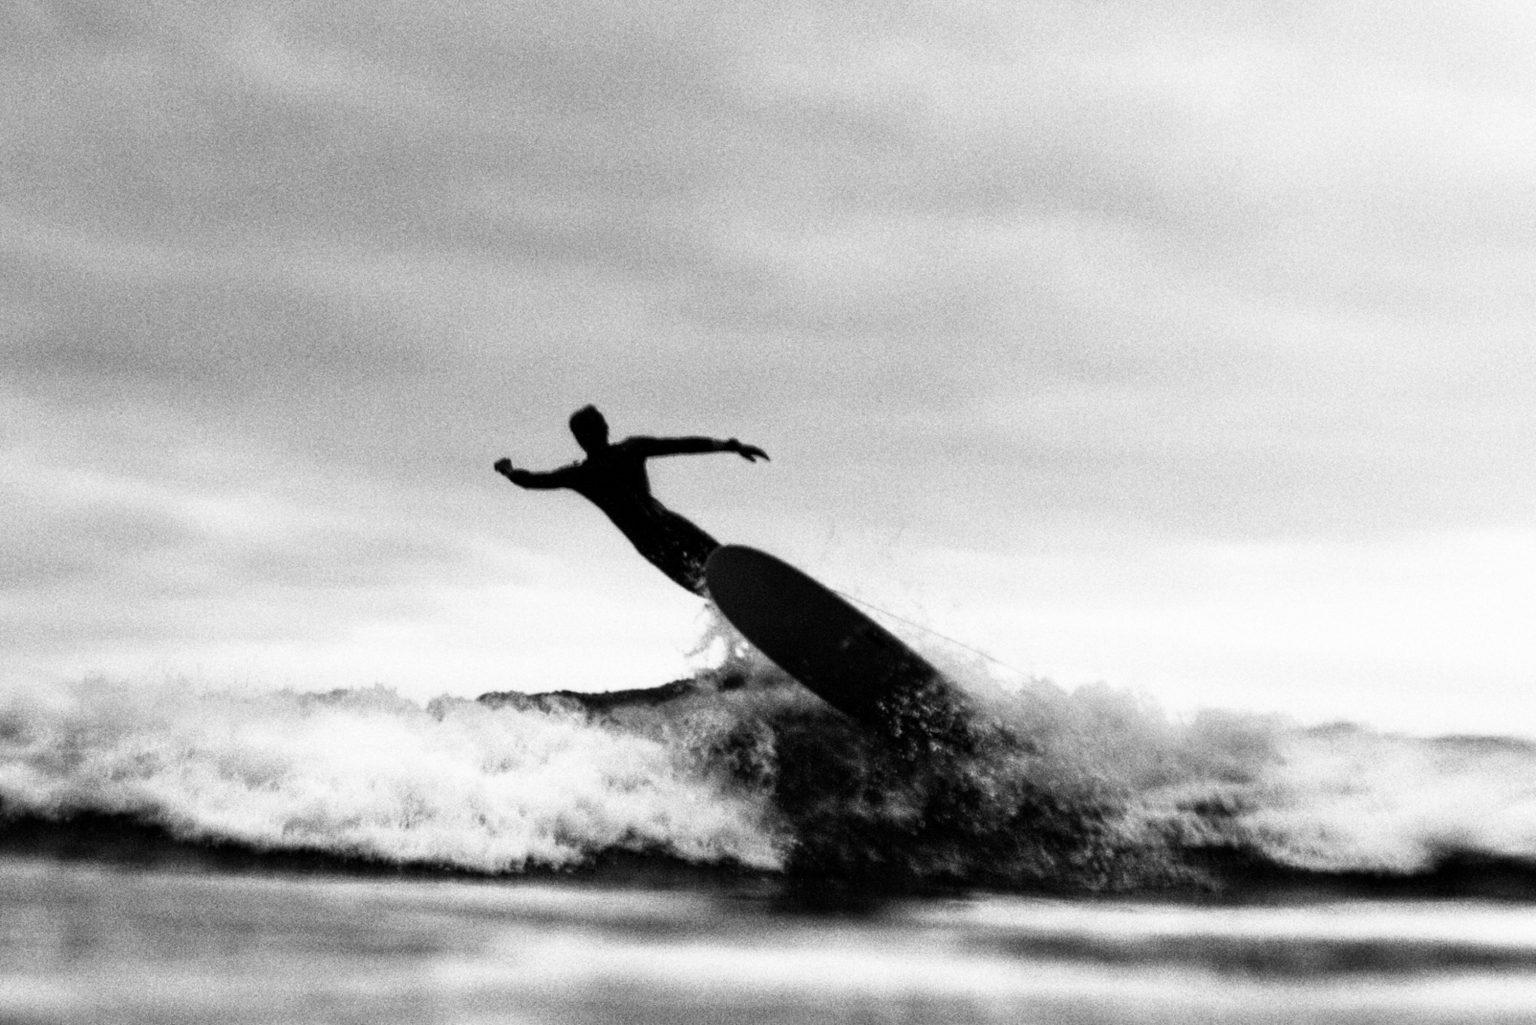 Un surfeur semble sortir de sa plache tel l'homme cannon